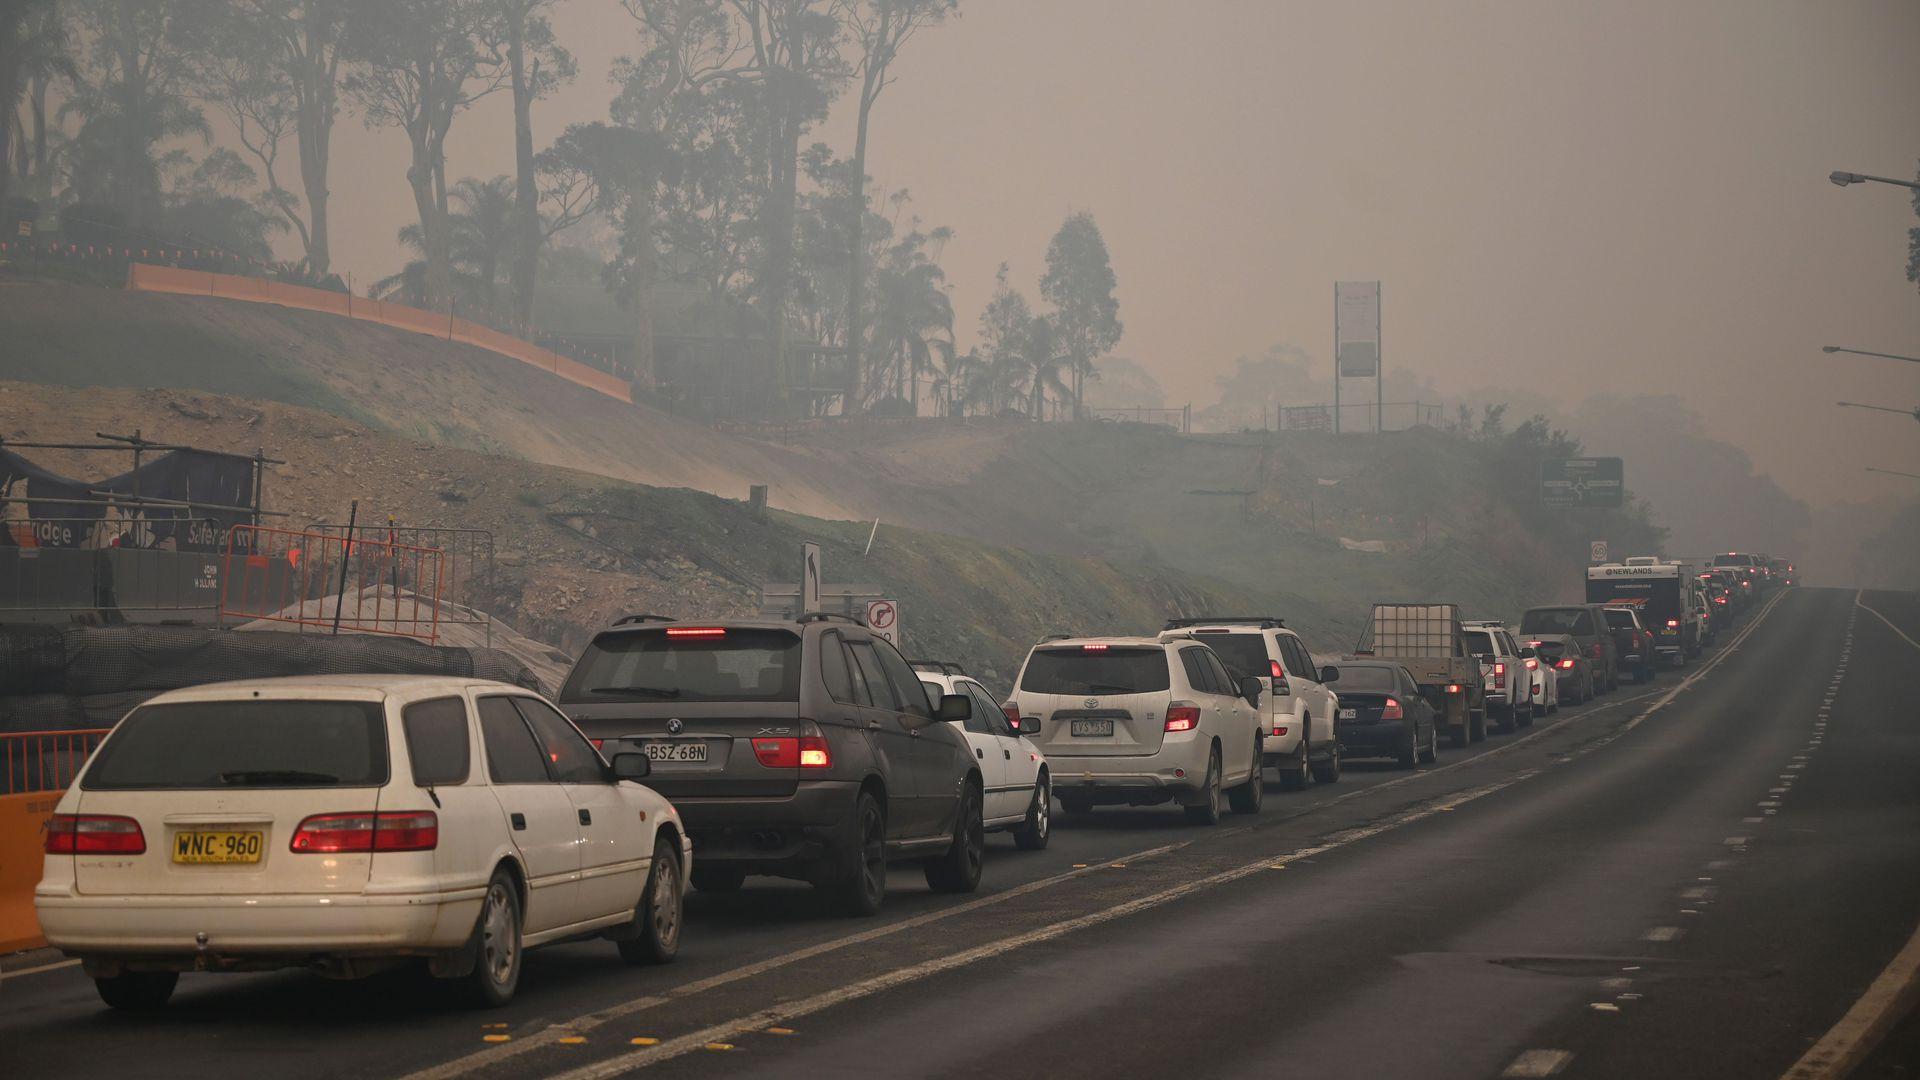 Australia, peste 100 000 de oameni evacuati, Sursa Axios